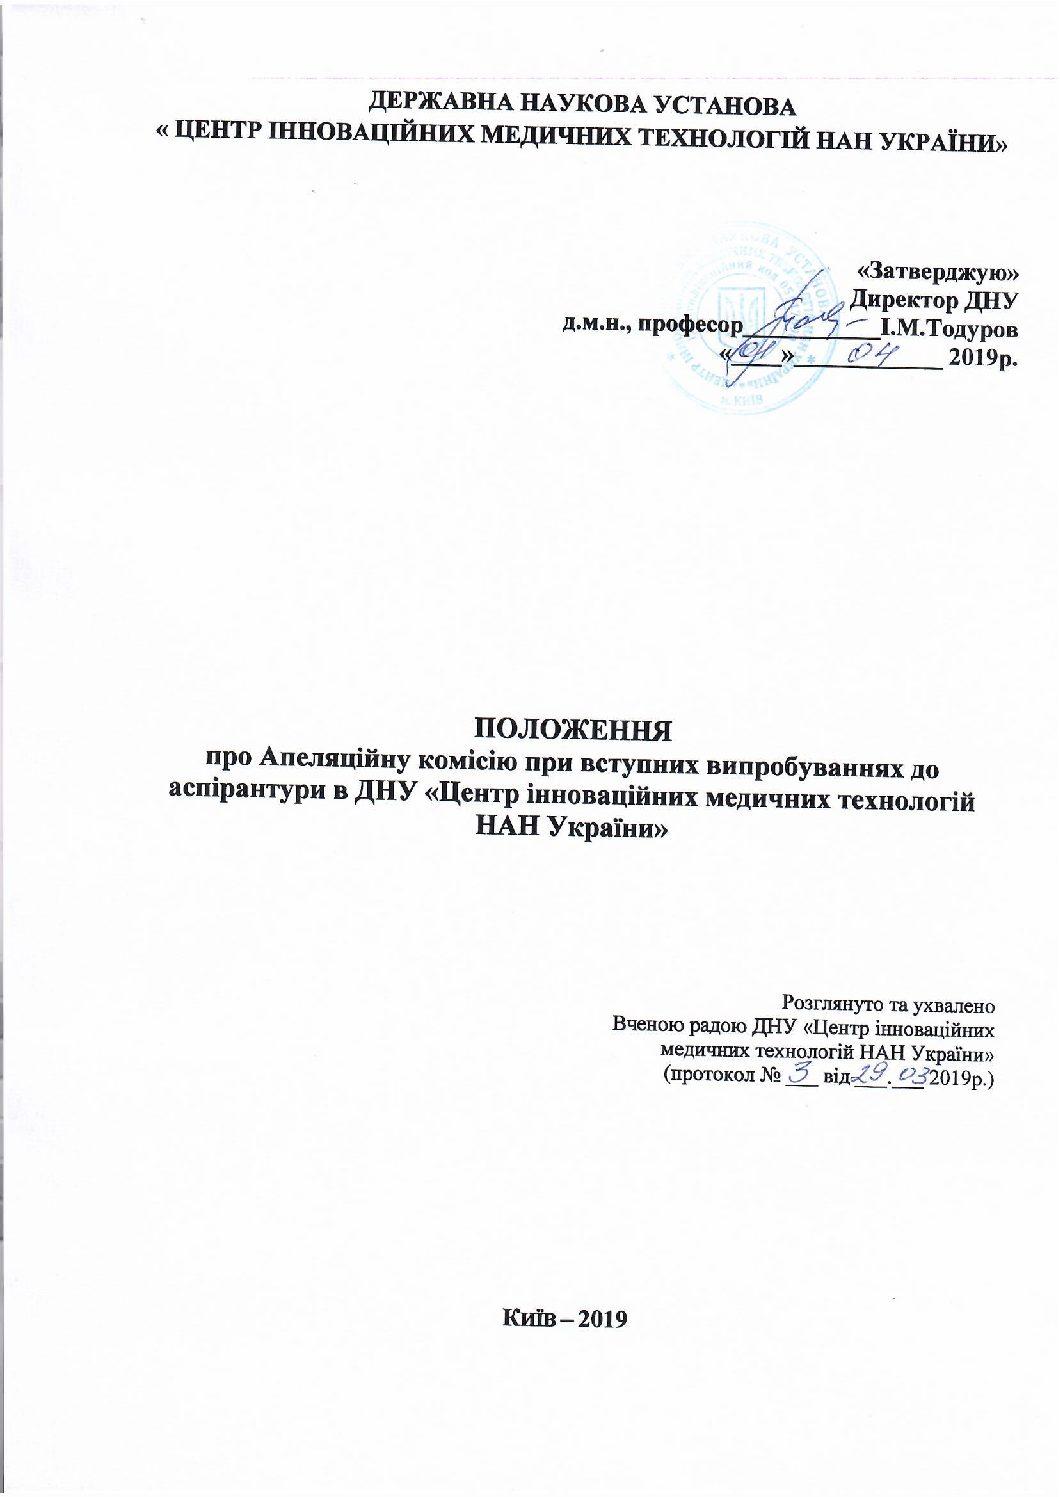 Положення про Апеляційну комісію при вступних випрбовуваннях до аспірантури в ДНУ «Центр інноваційних медичних технологій НАН України»